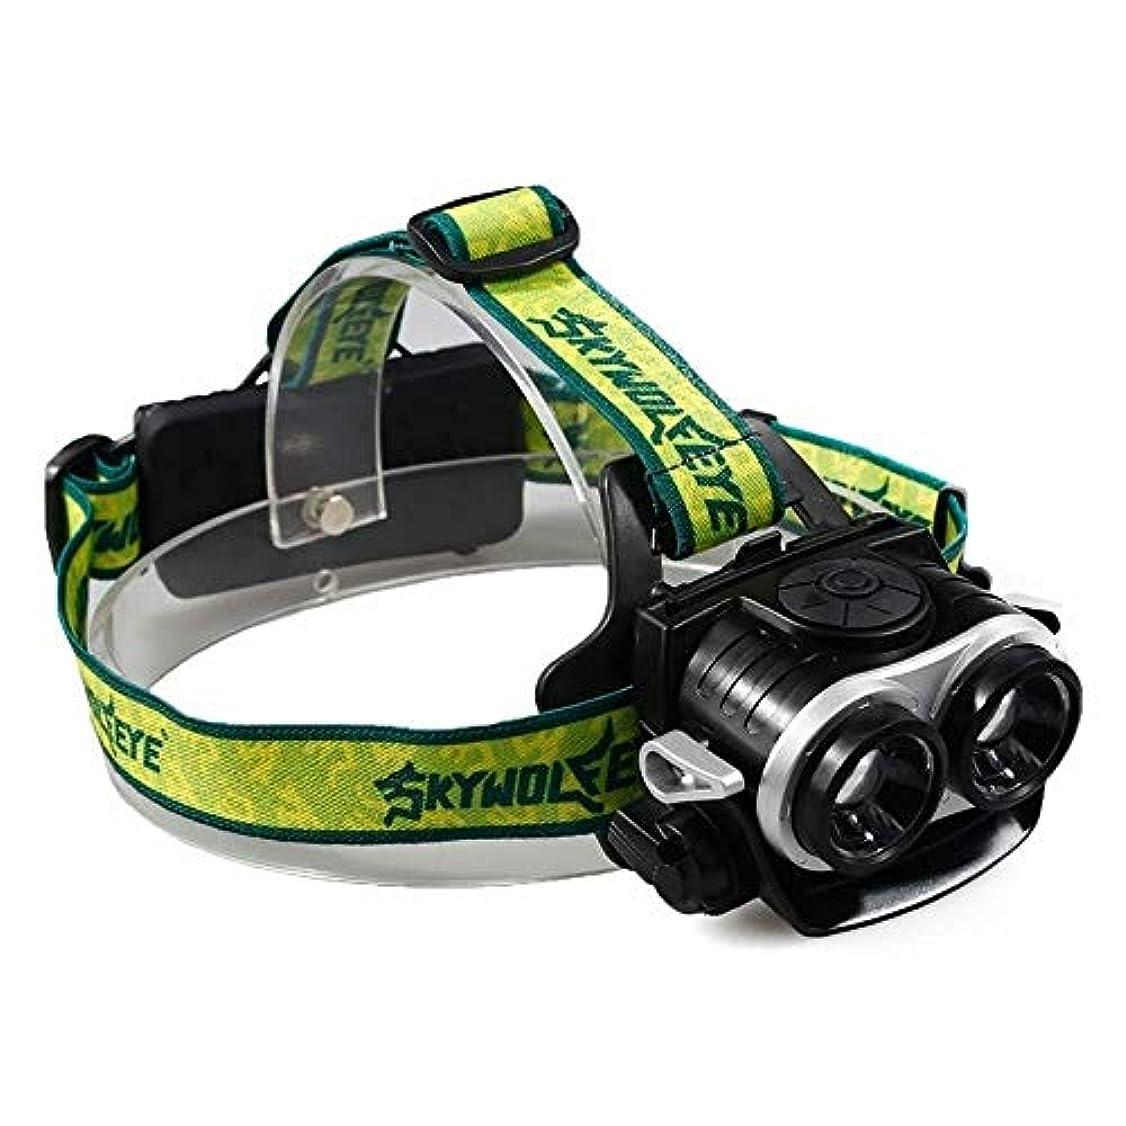 クラウンセンサーポーチ屋外防水ホームツーT6伸縮ズームusb充電強いライト超明るいヘッドライト調節可能なヘッドバンド用ナイトライディングキャンプナイトフィッシング